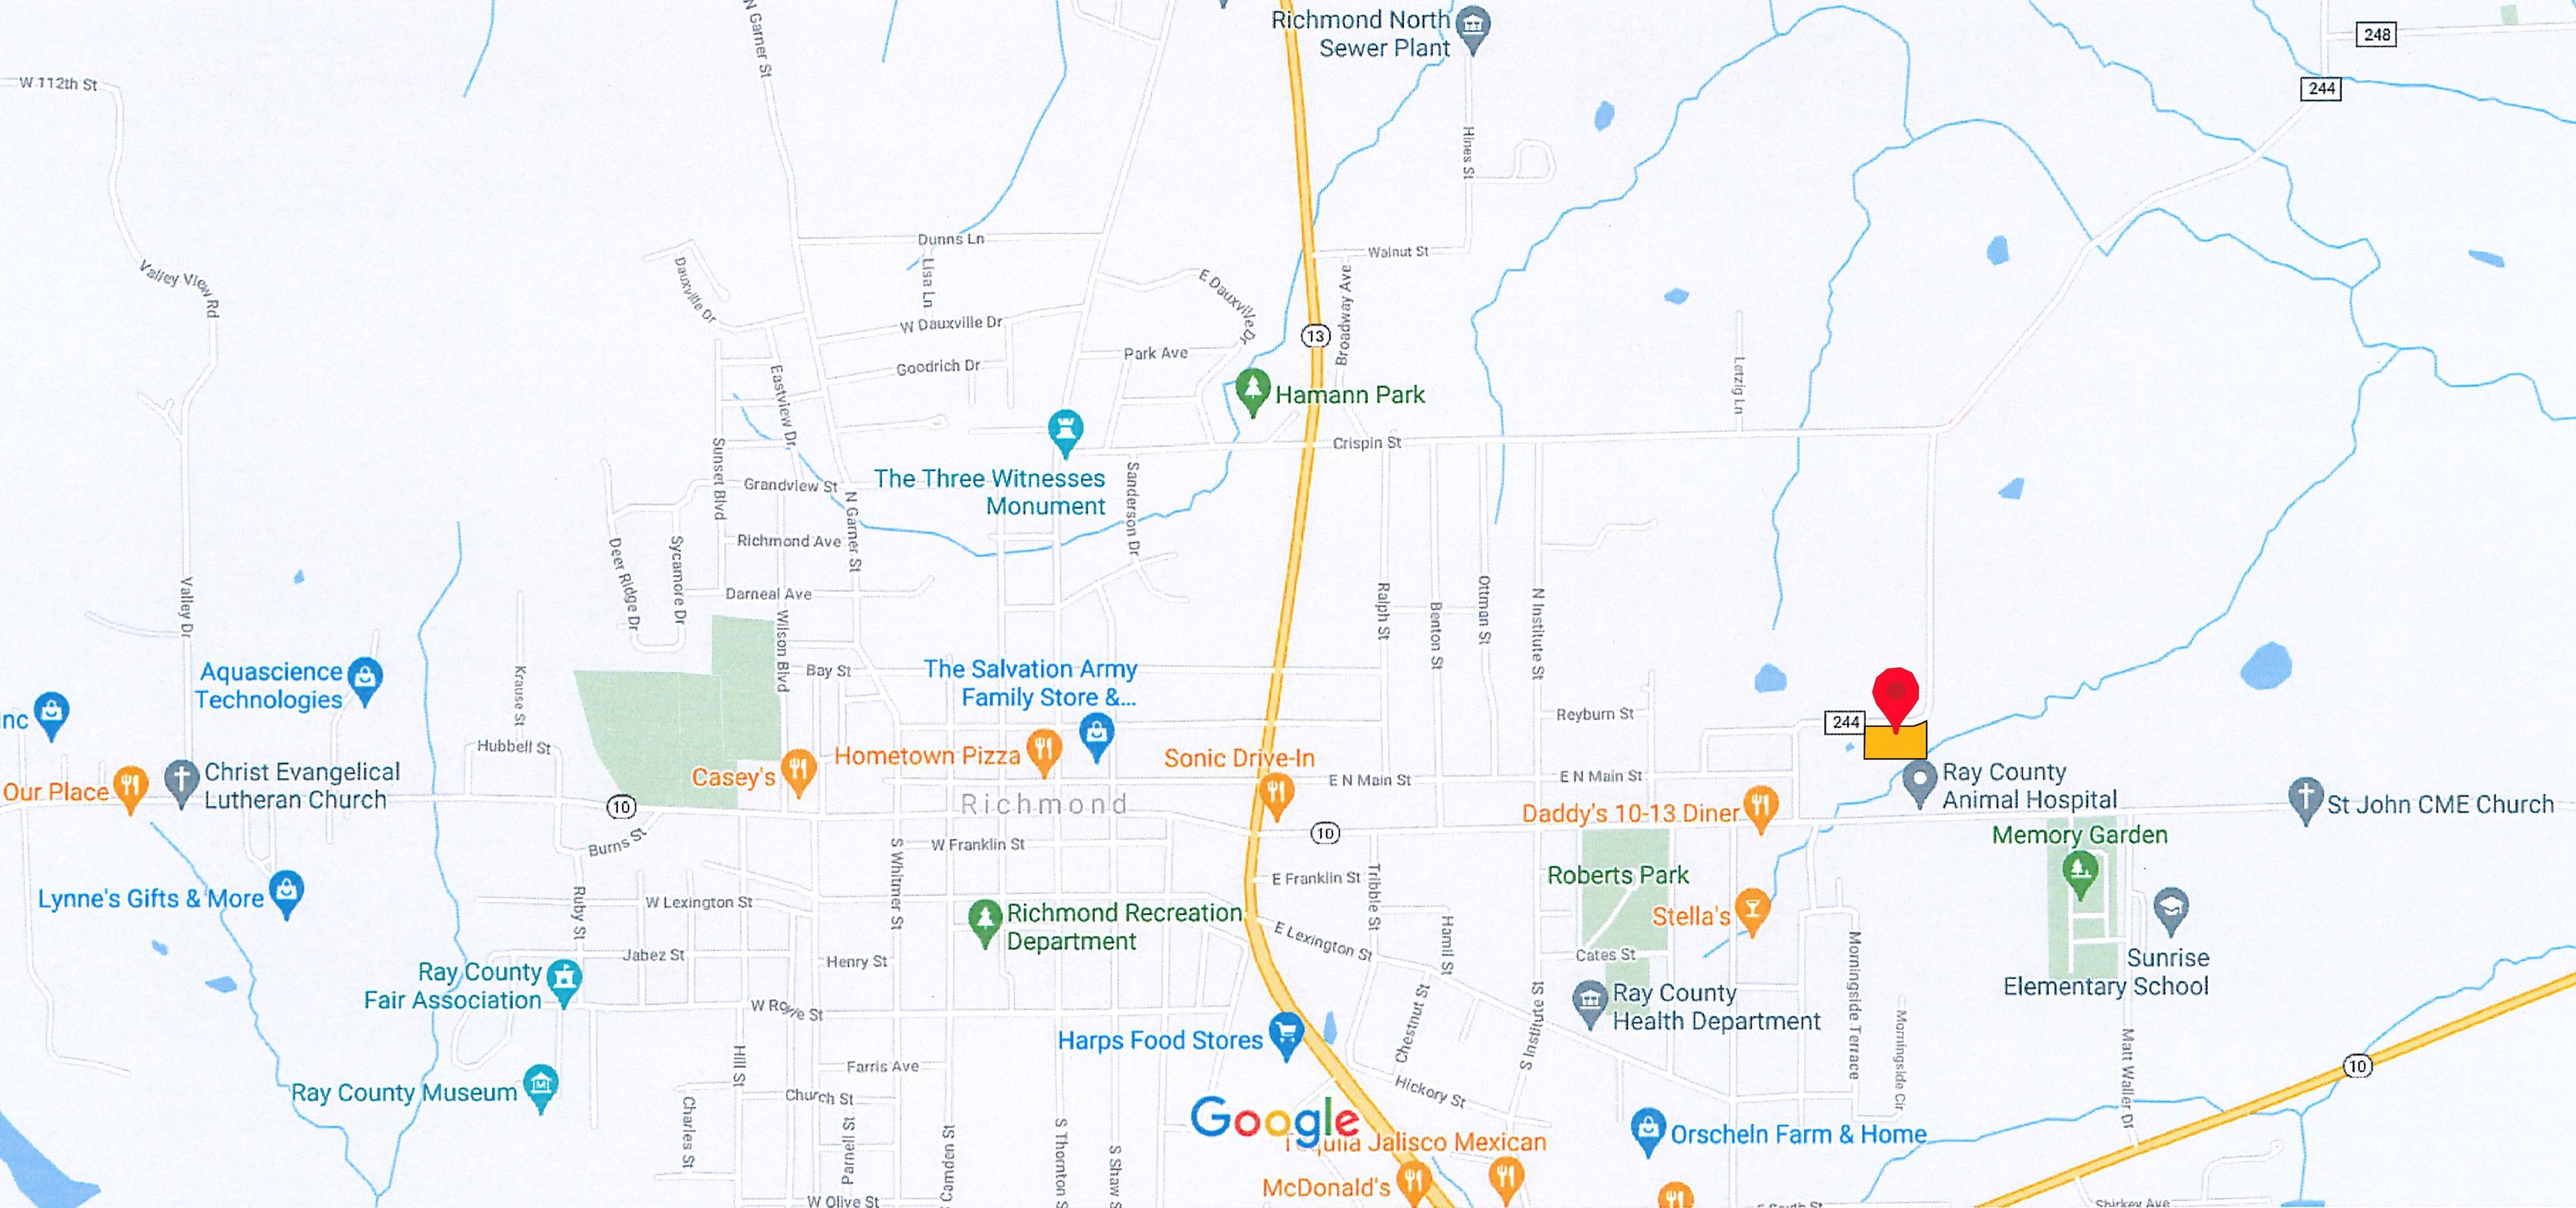 Google Maps_BIR-2135